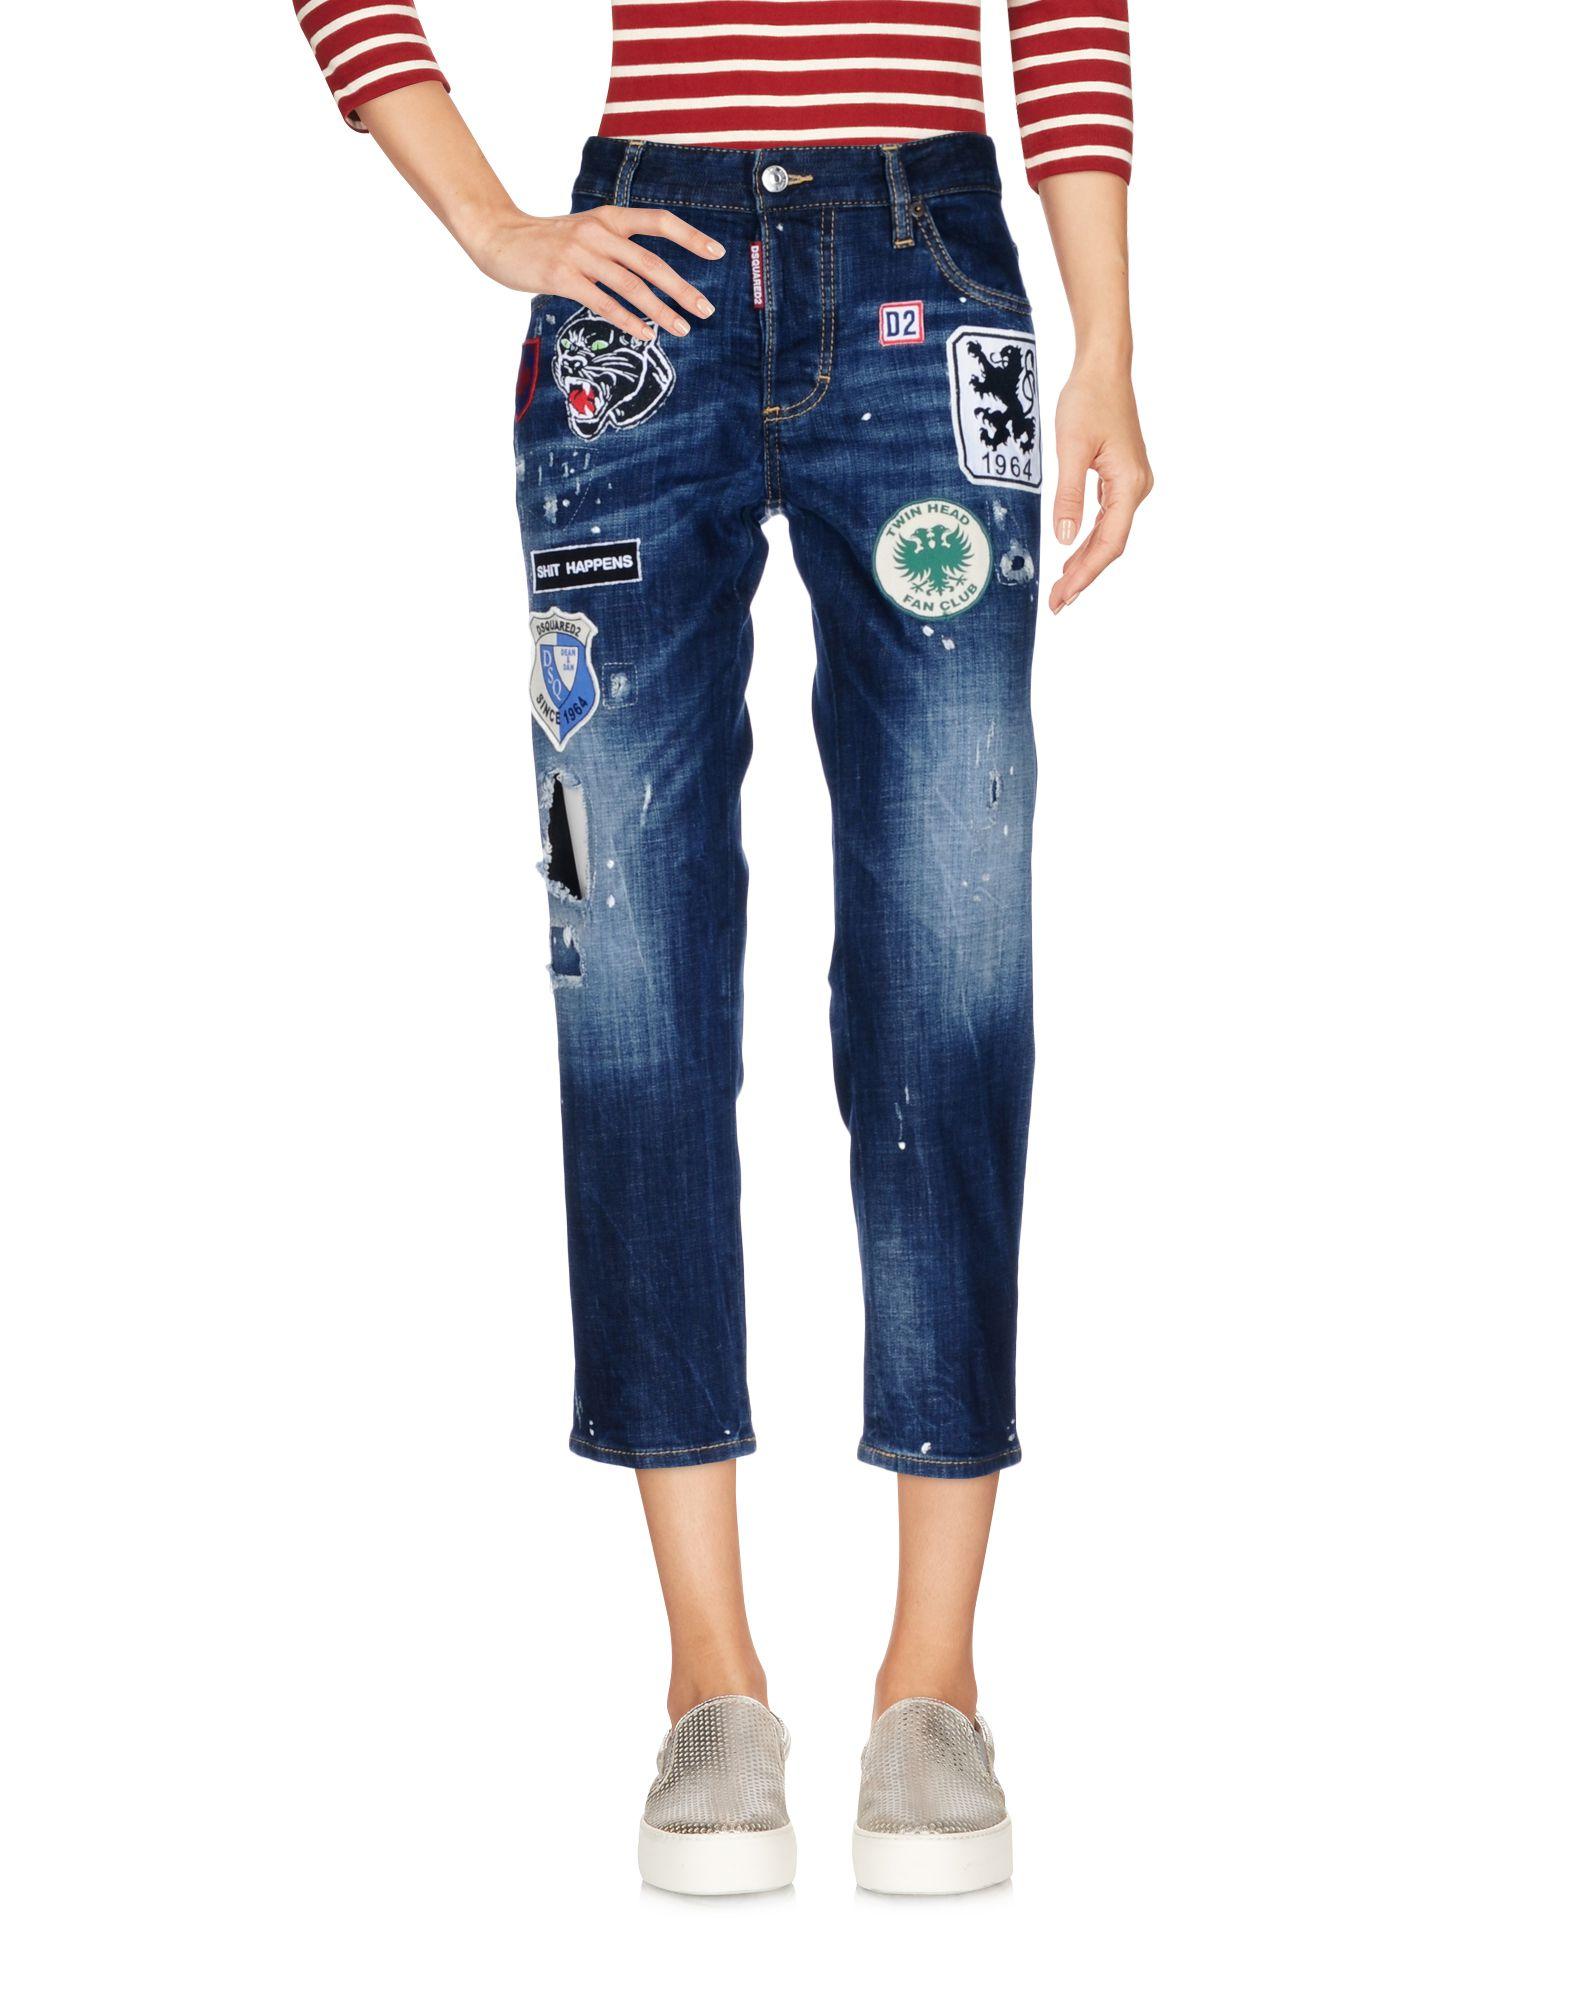 Pantaloni Jeans Dsquared2 Donna - Acquista online su SluyCmP